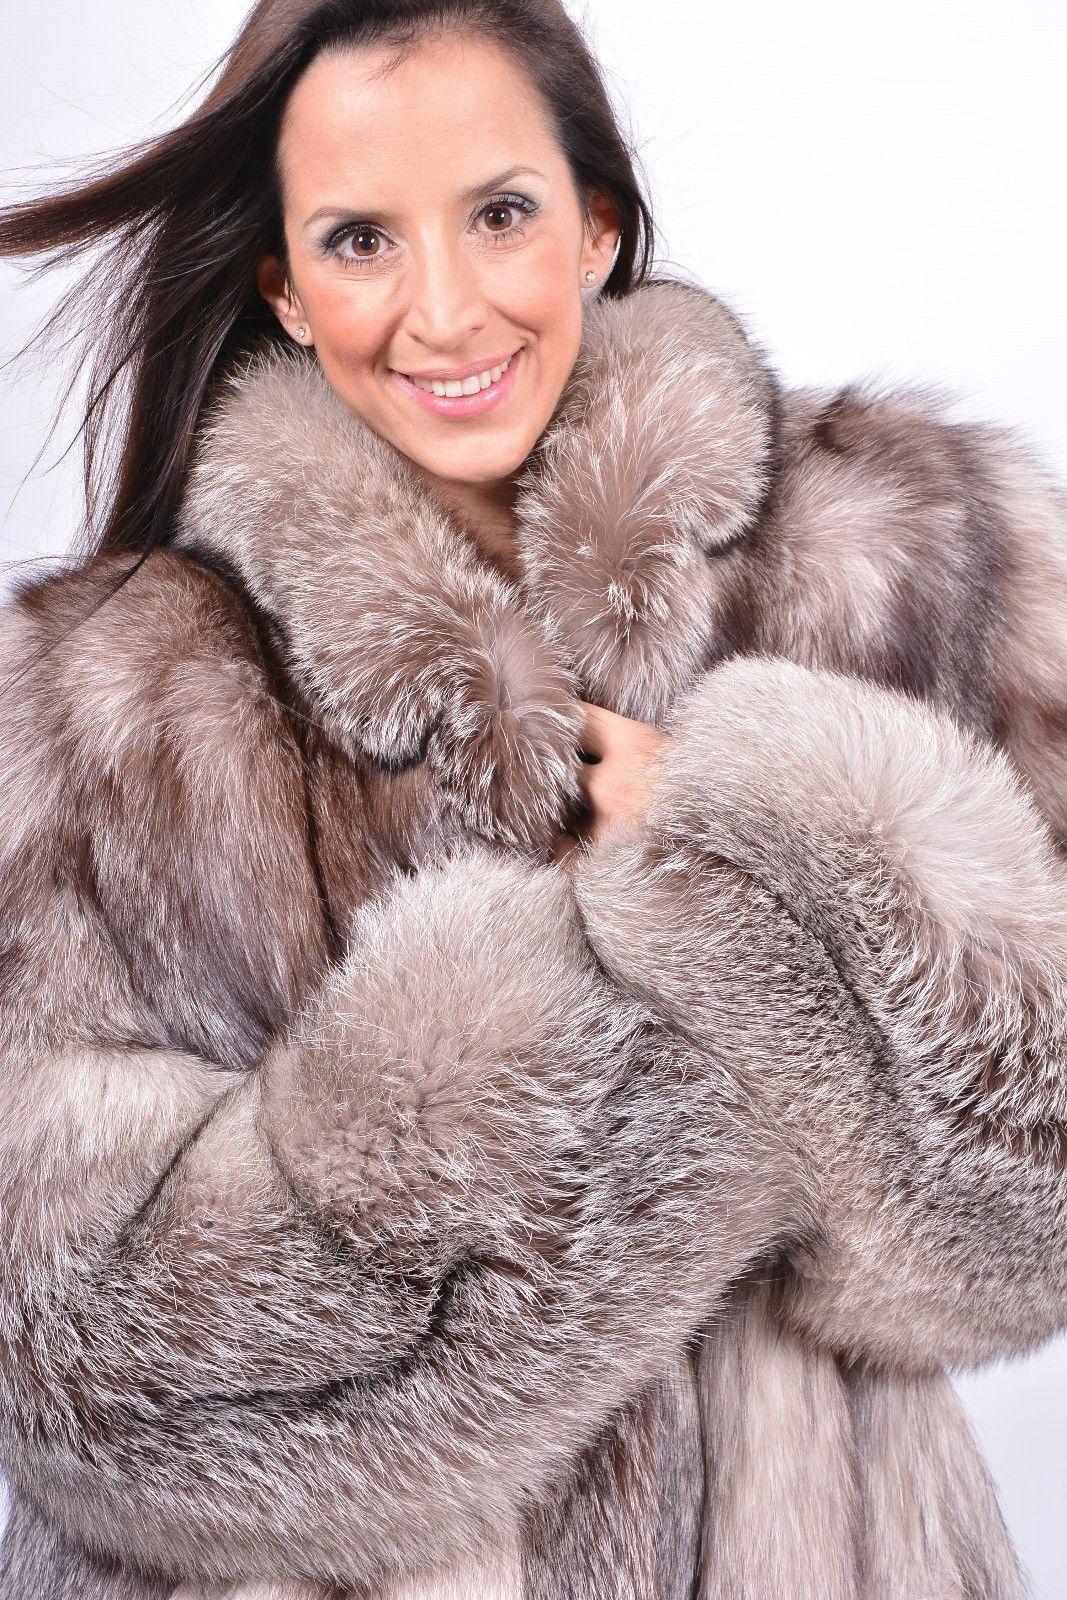 Saga Silver Fox Fur Coat Silberfuchs Manteau de Fourrure de Renard Blue  White  9d2005052c2b